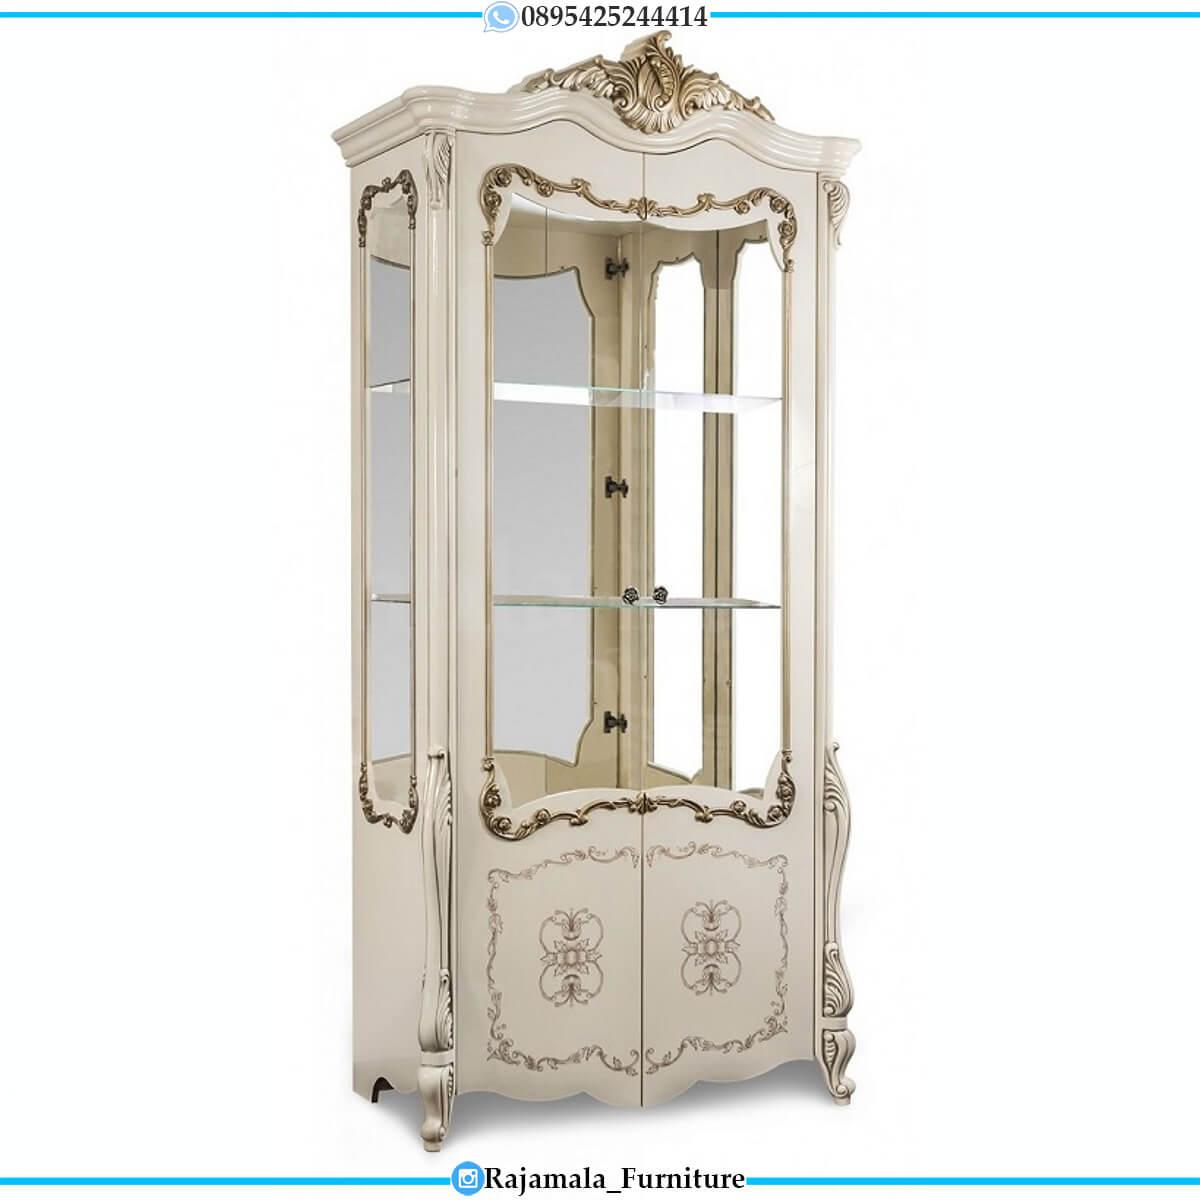 New Lemari Pakaian Mewah Putih Duco Excellent Color RM-0678